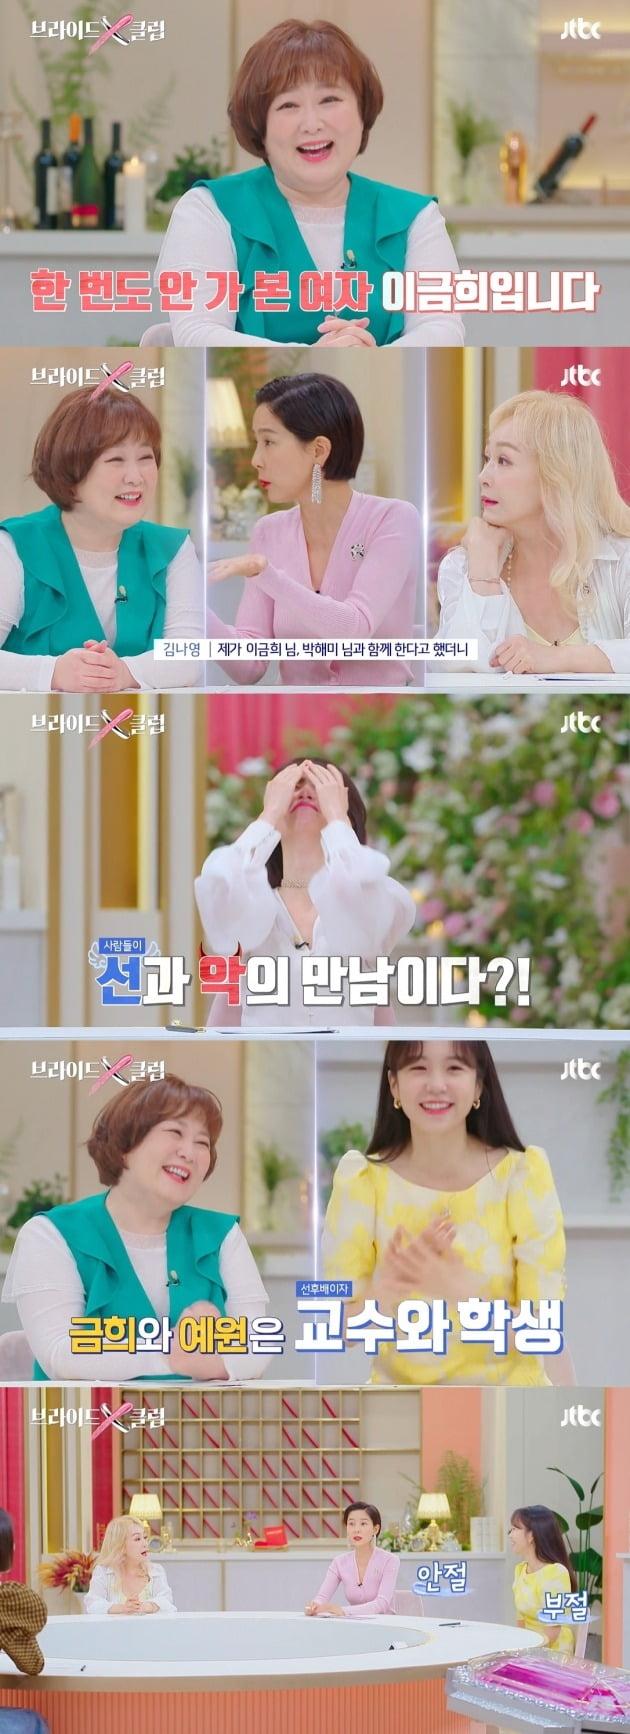 /사진=JTBC 추석 파일럿 예능프로그램 '브라이드X클럽' 방송화면